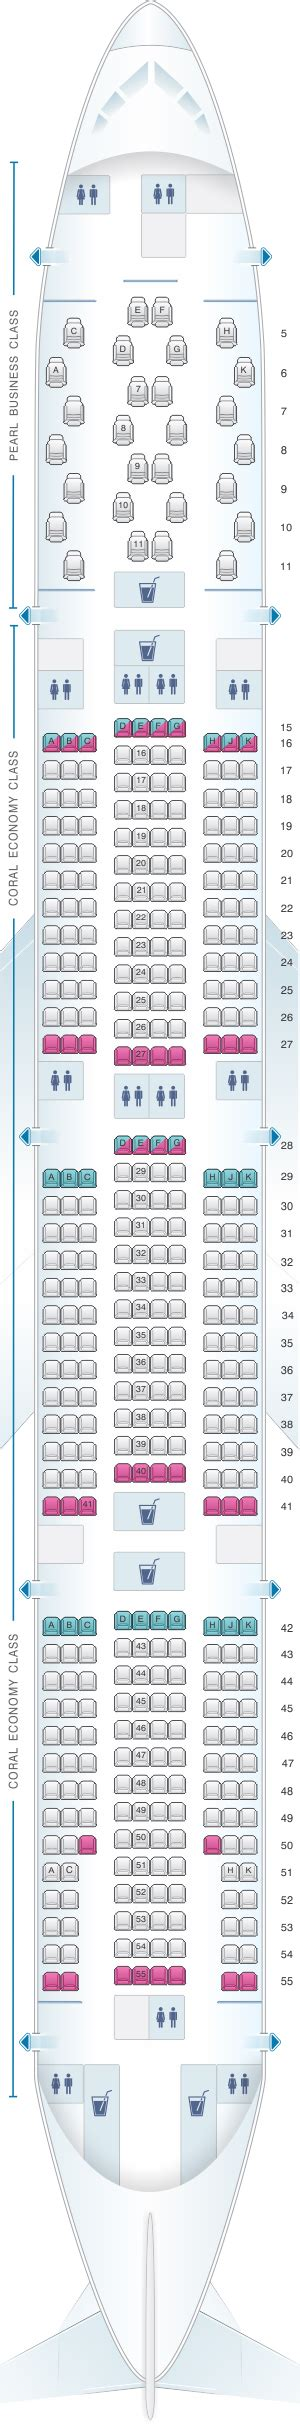 plan siege boeing 777 300er plan de cabine etihad airways boeing b777 300er 2class v1